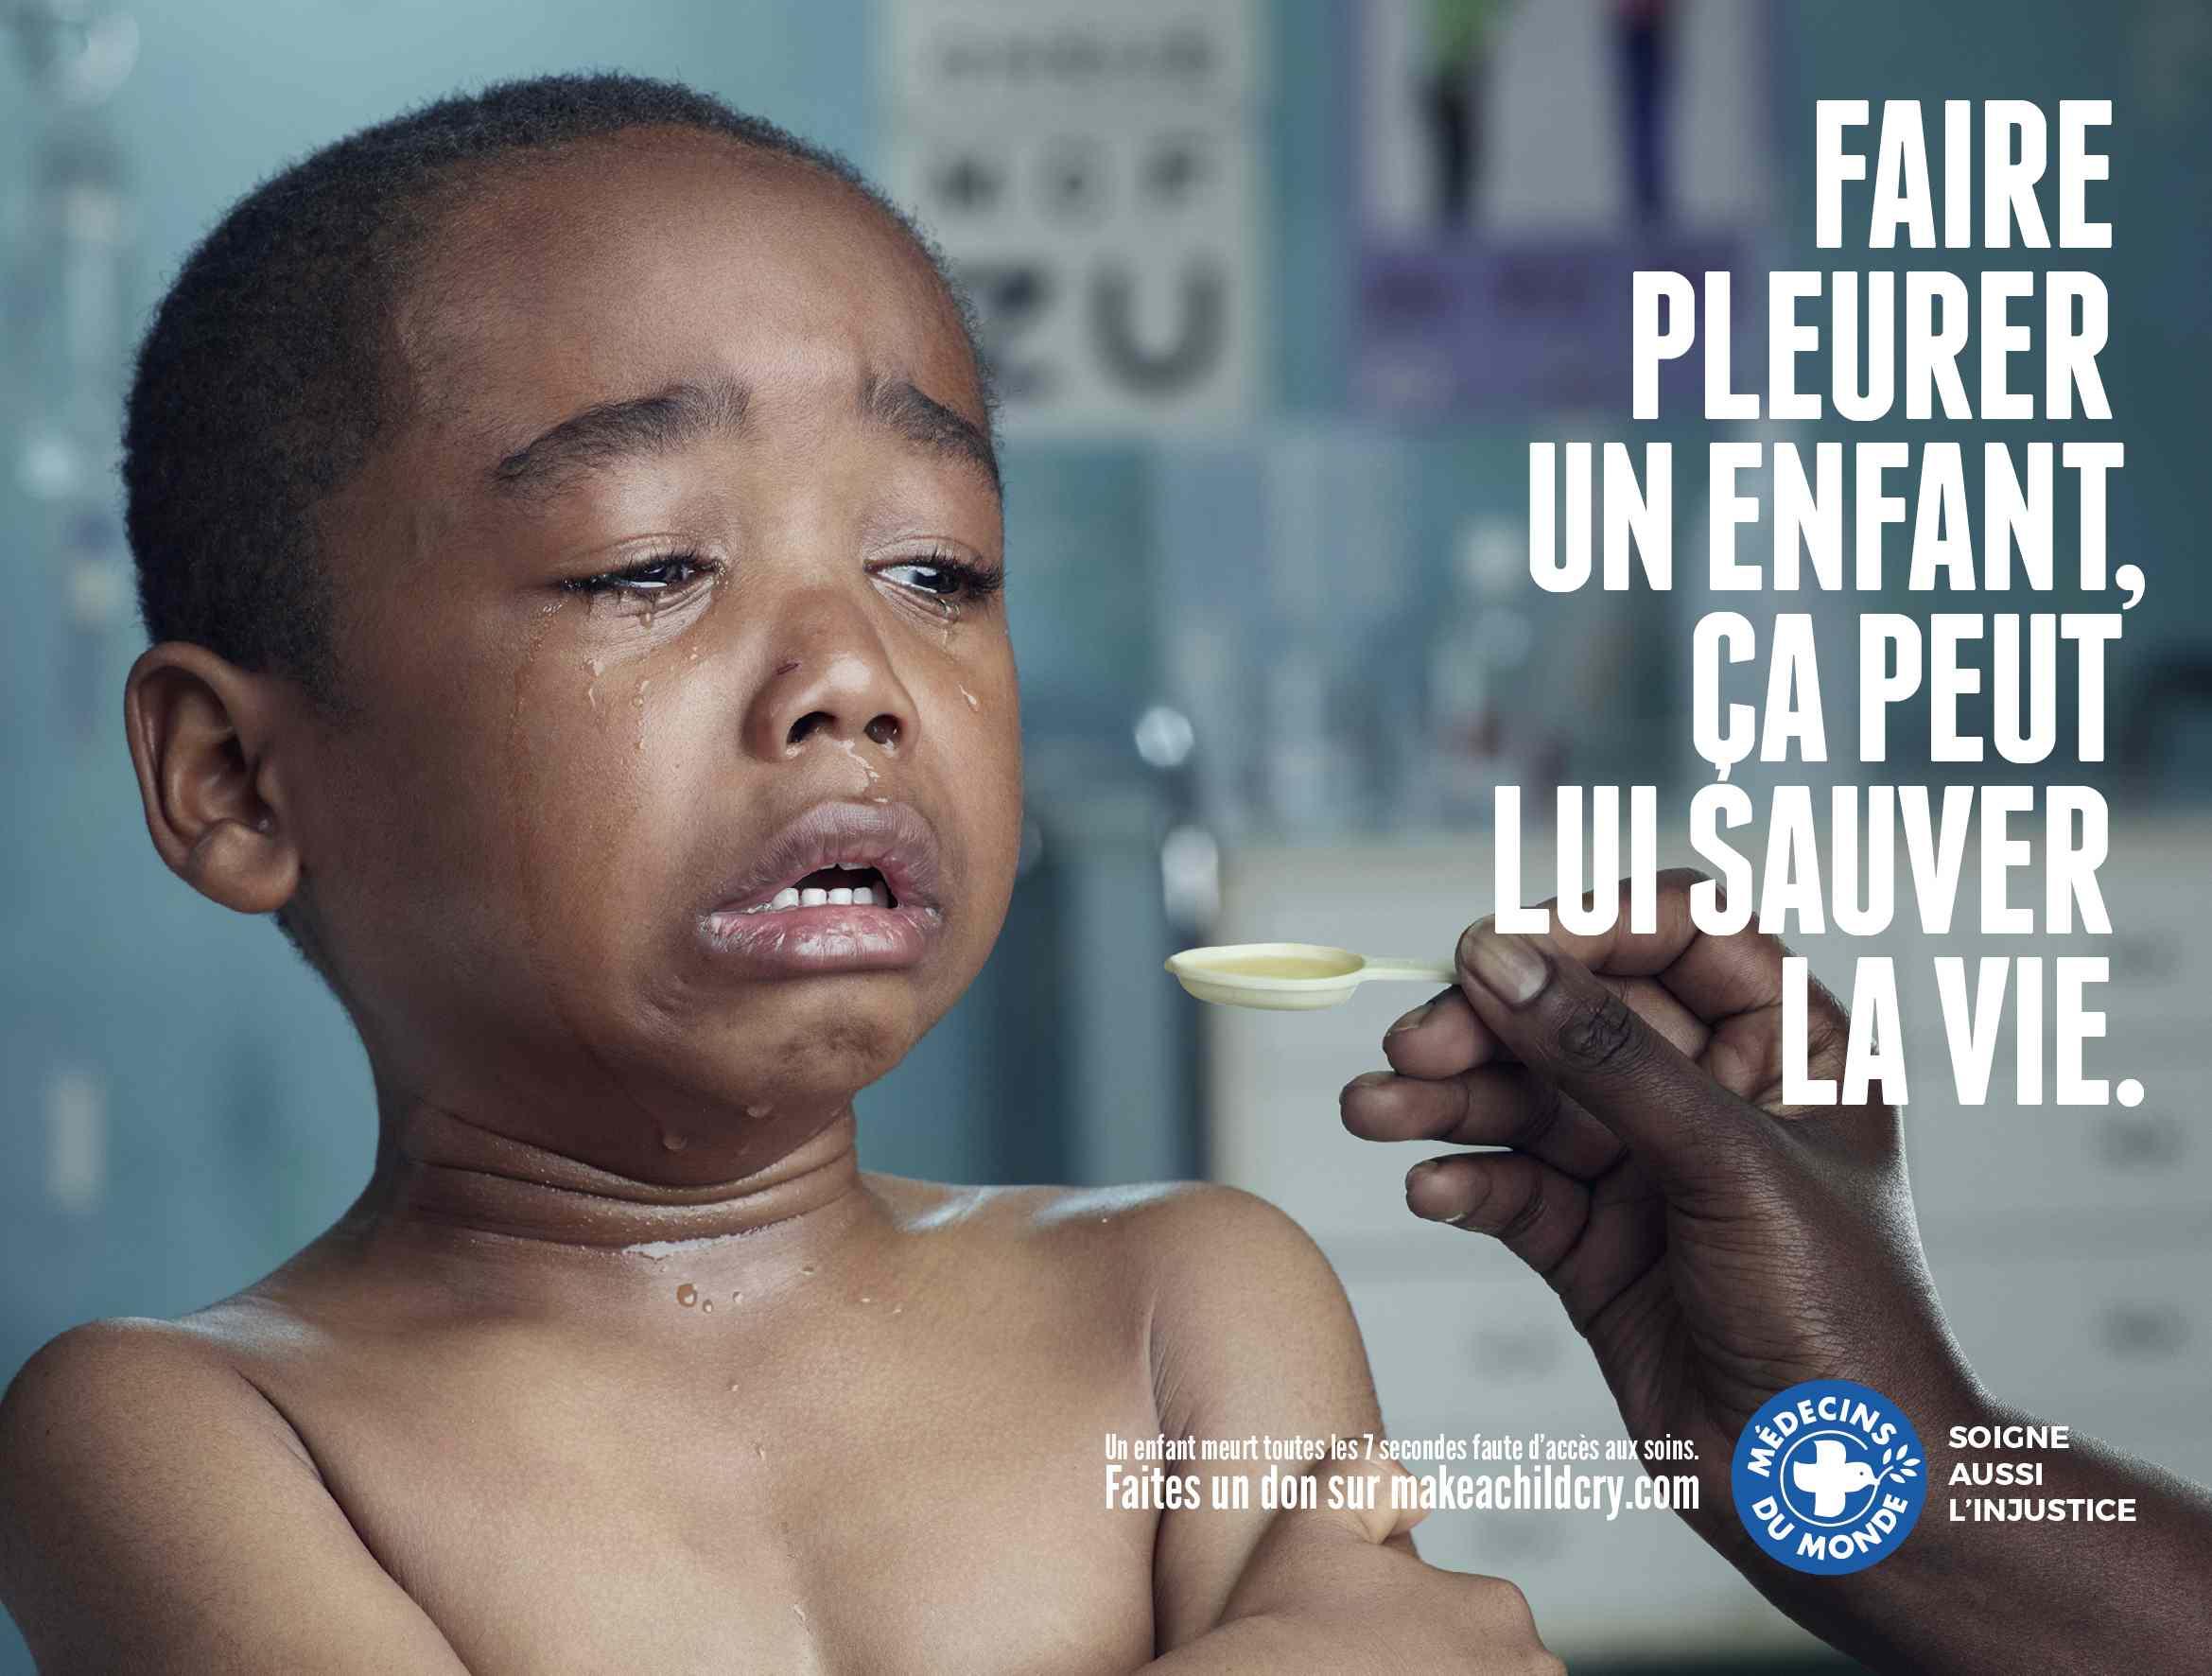 dans-ta-pub-médecins-du-monde-ddb-paris-make-a-child-cry-teasing-makeachildcry-5